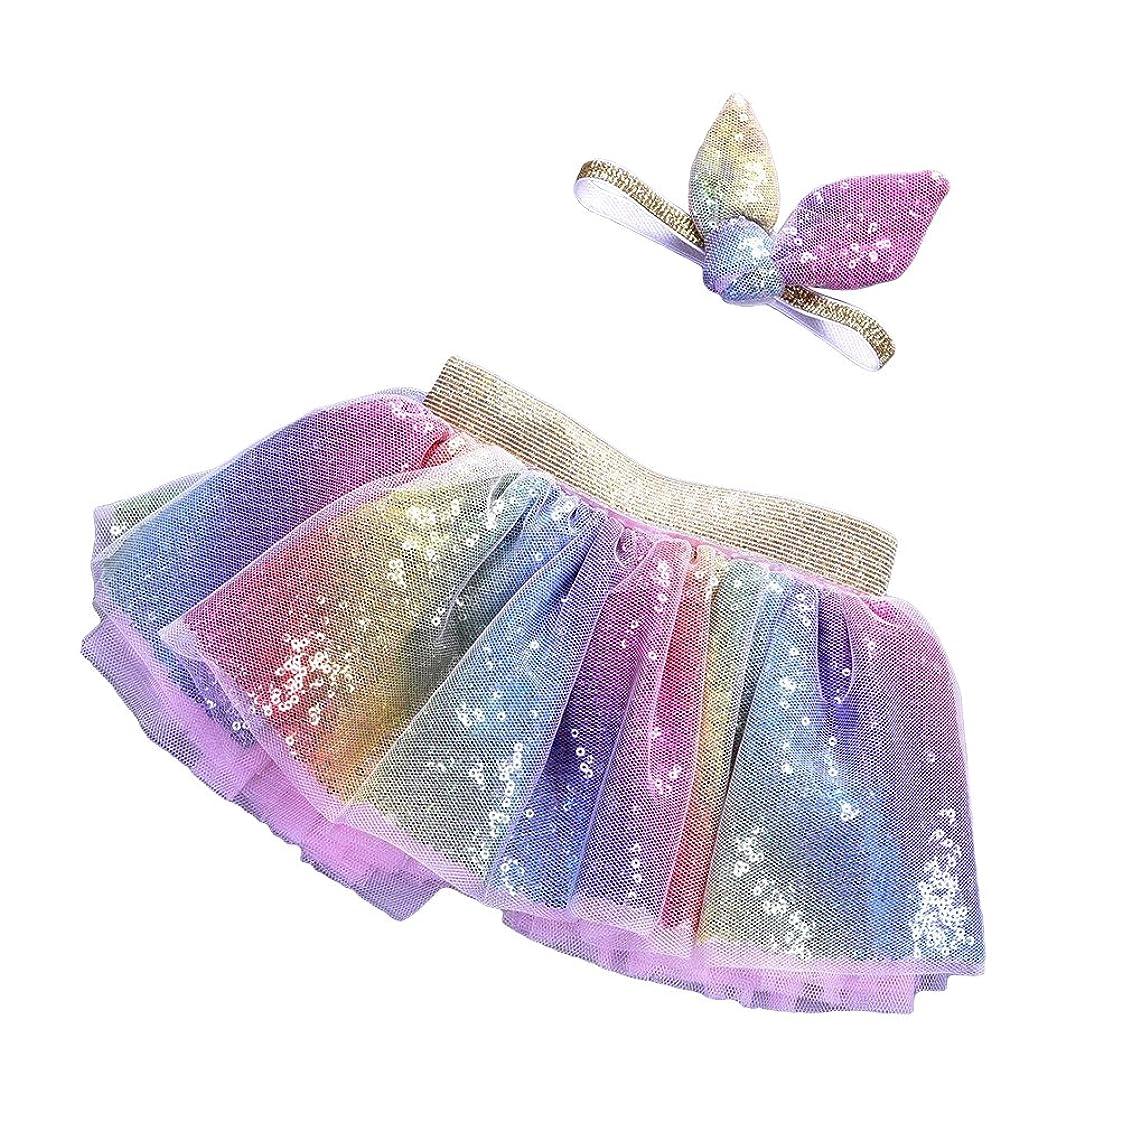 め言葉熟す突然LUOEM 2PCSレインボーツツースカート(ヘッドバンド付き)プリンセスガールツツーの服装ベビーガールズ誕生日の服セットサイズM(2?5歳)